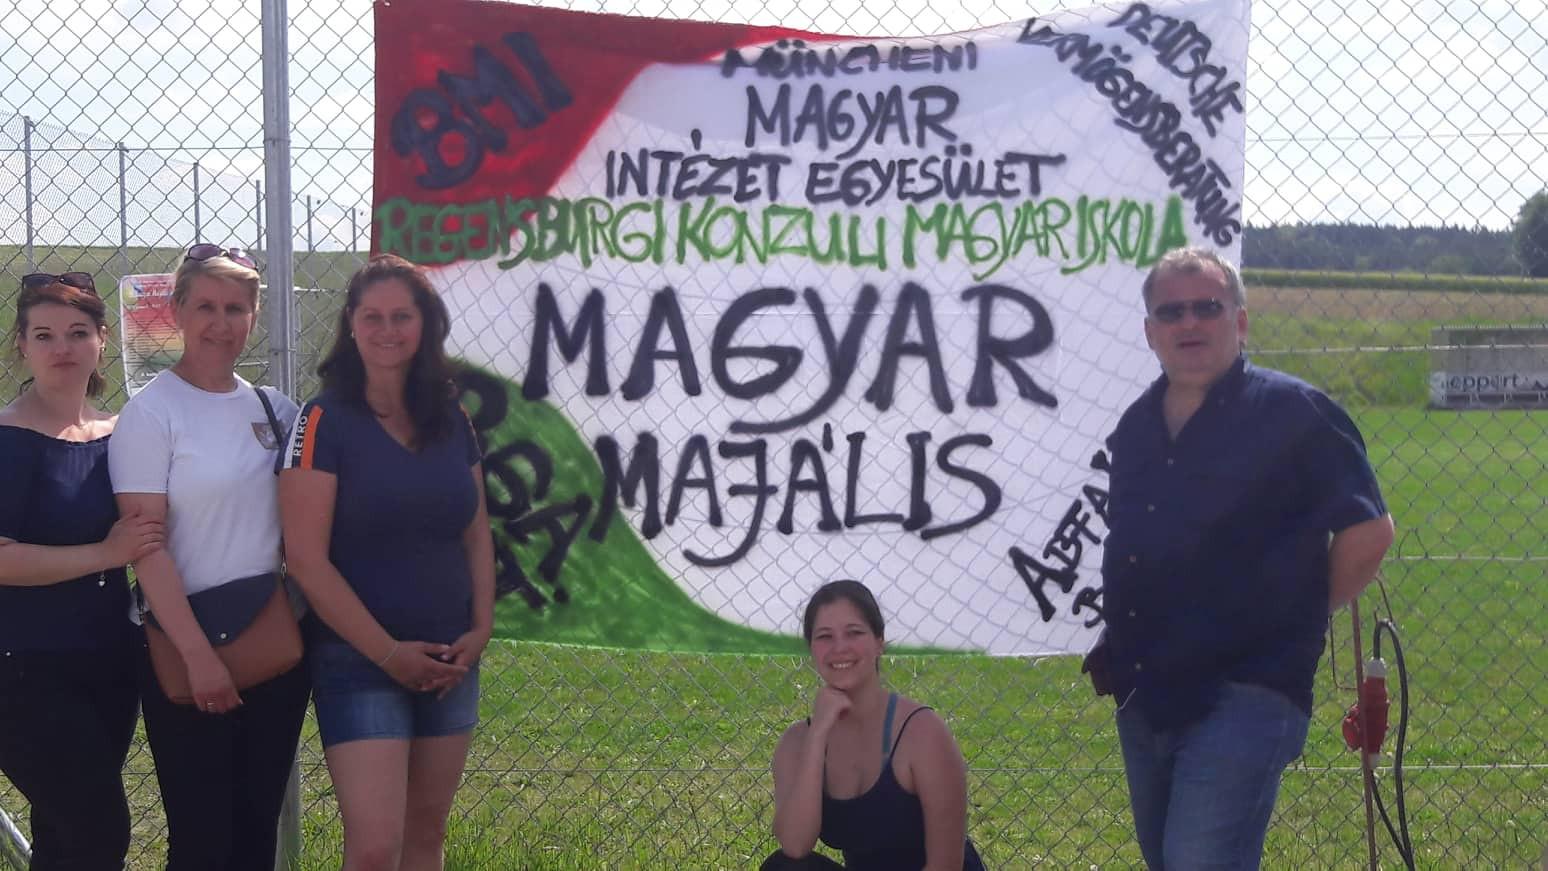 Müncheni Magyar Intézet Egyesület 2. Magyar Majálisa Regensburgban